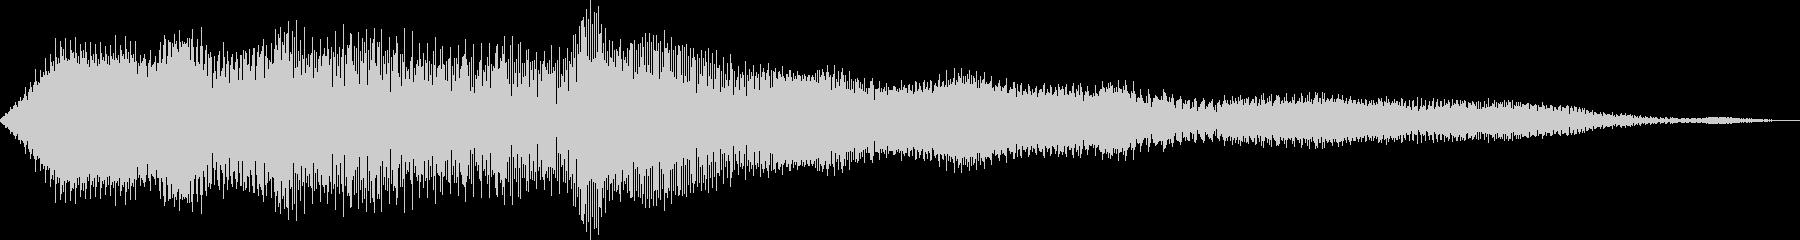 トラクター逆転の未再生の波形